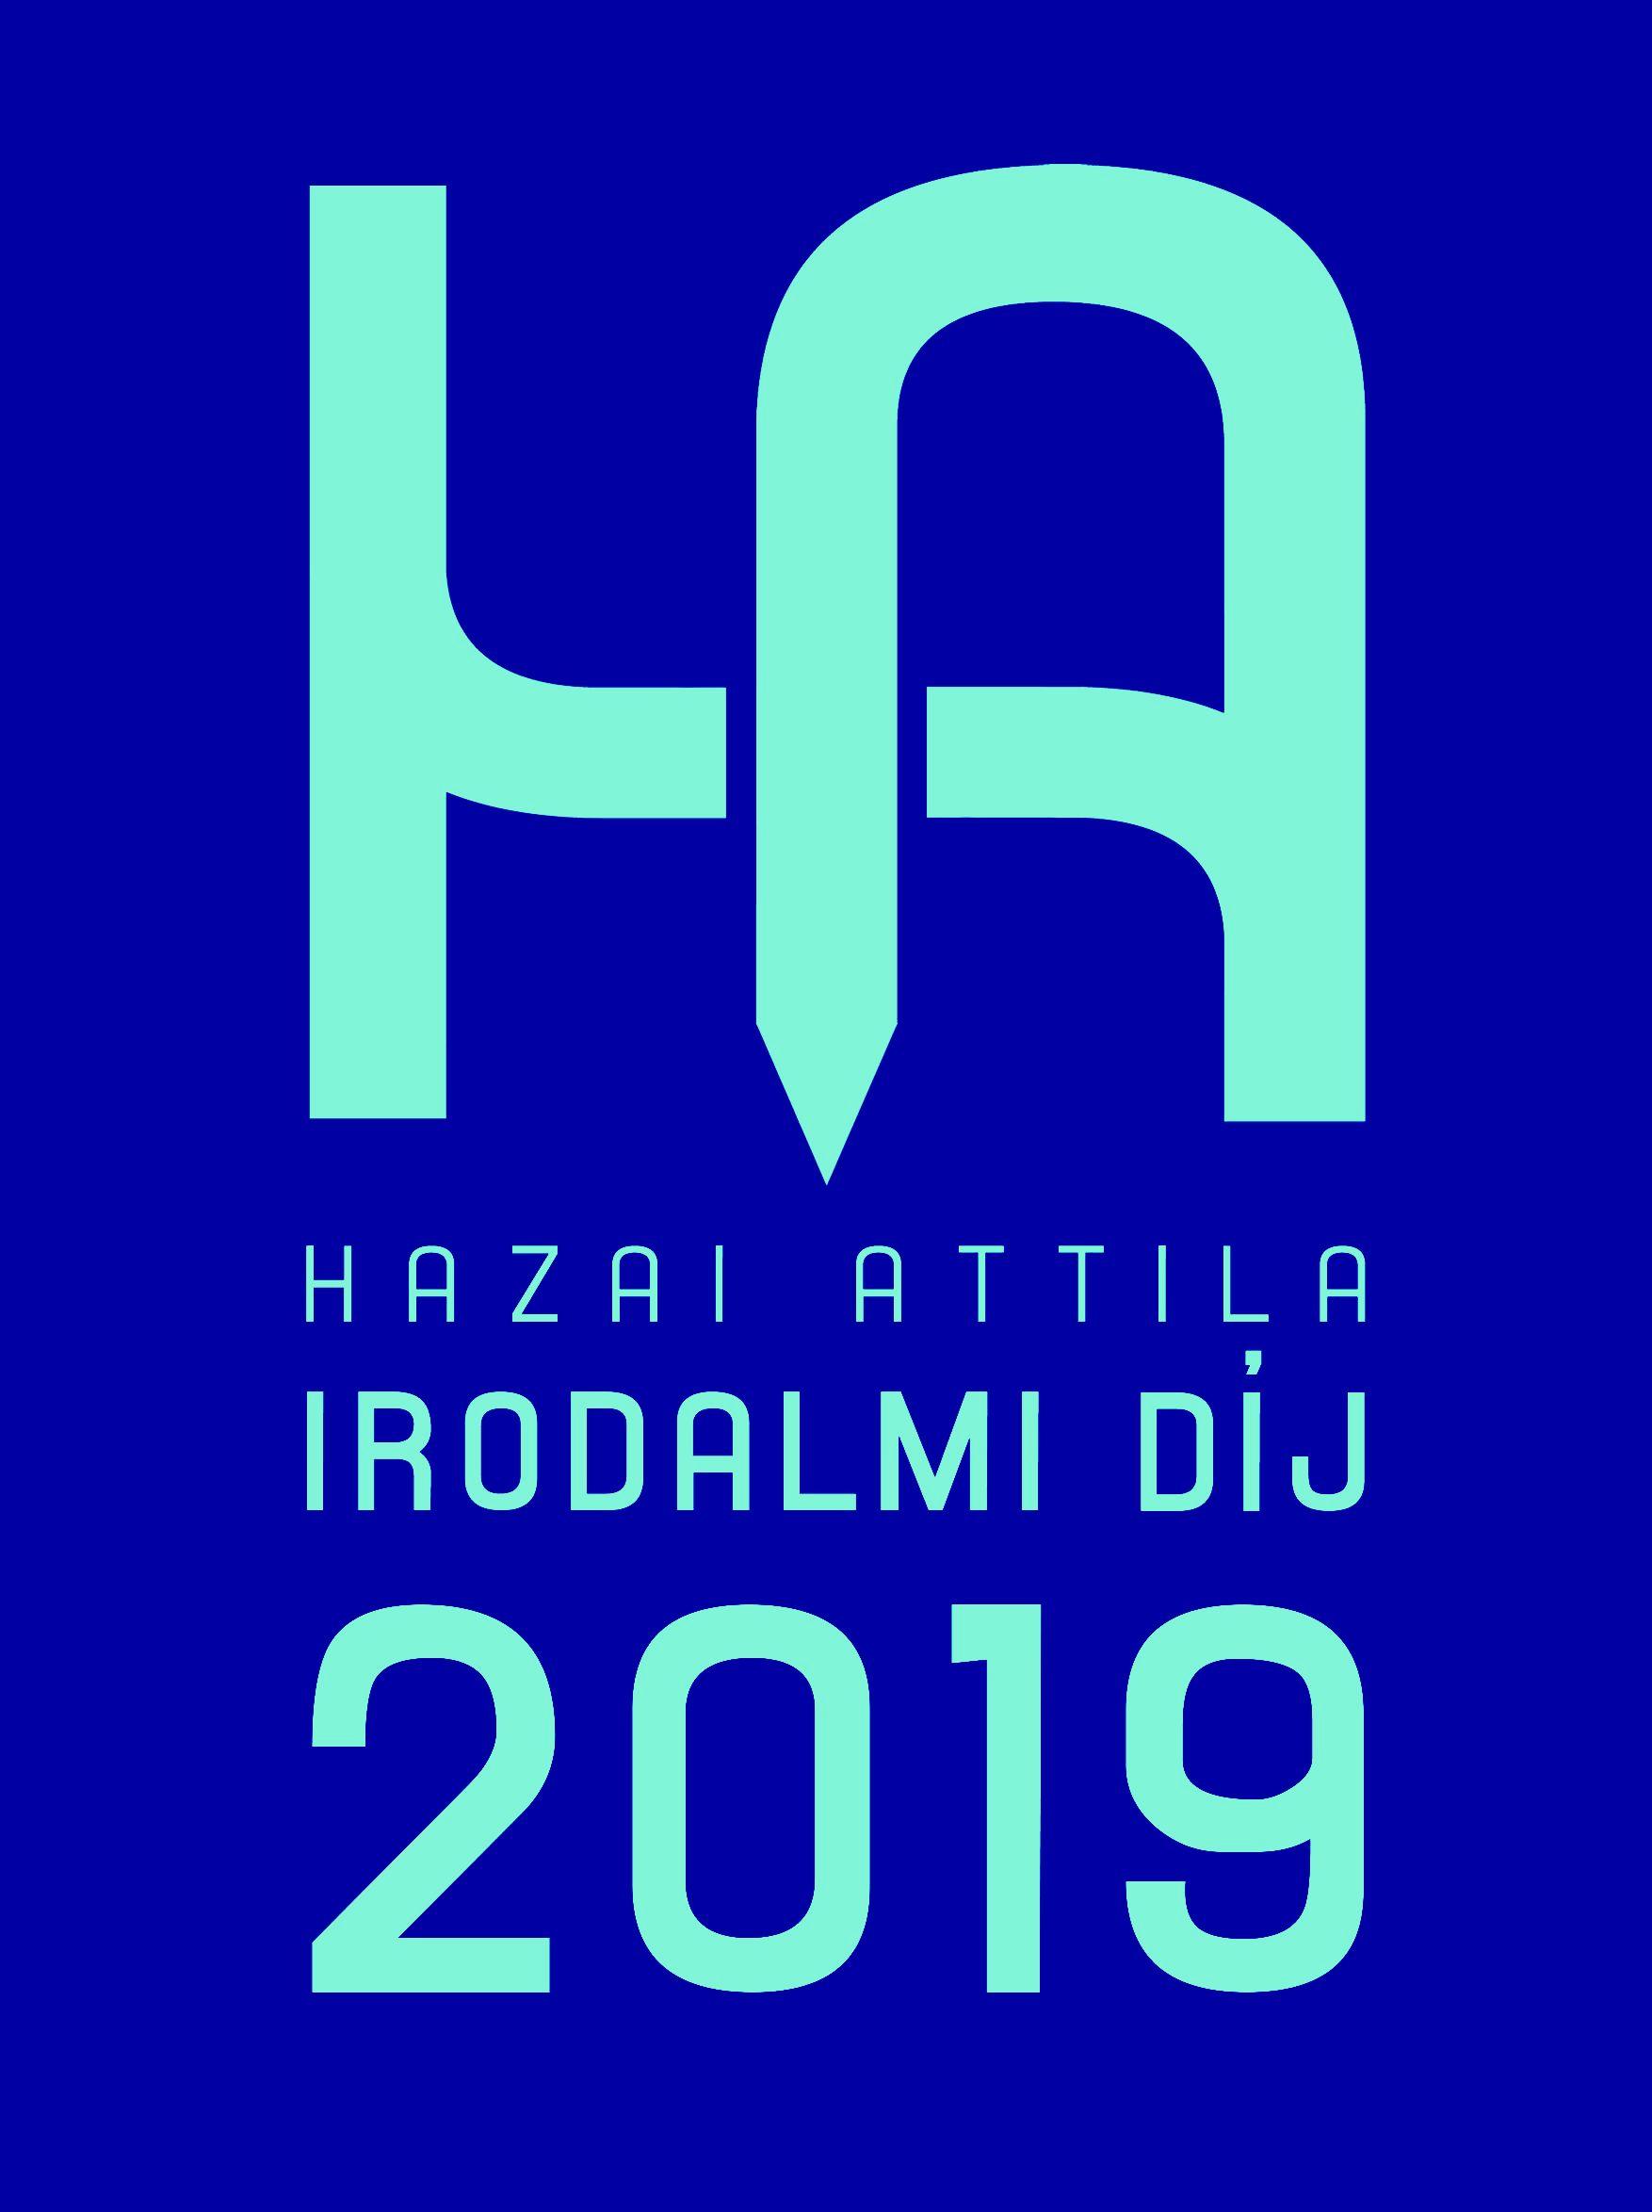 HA-dij2019c